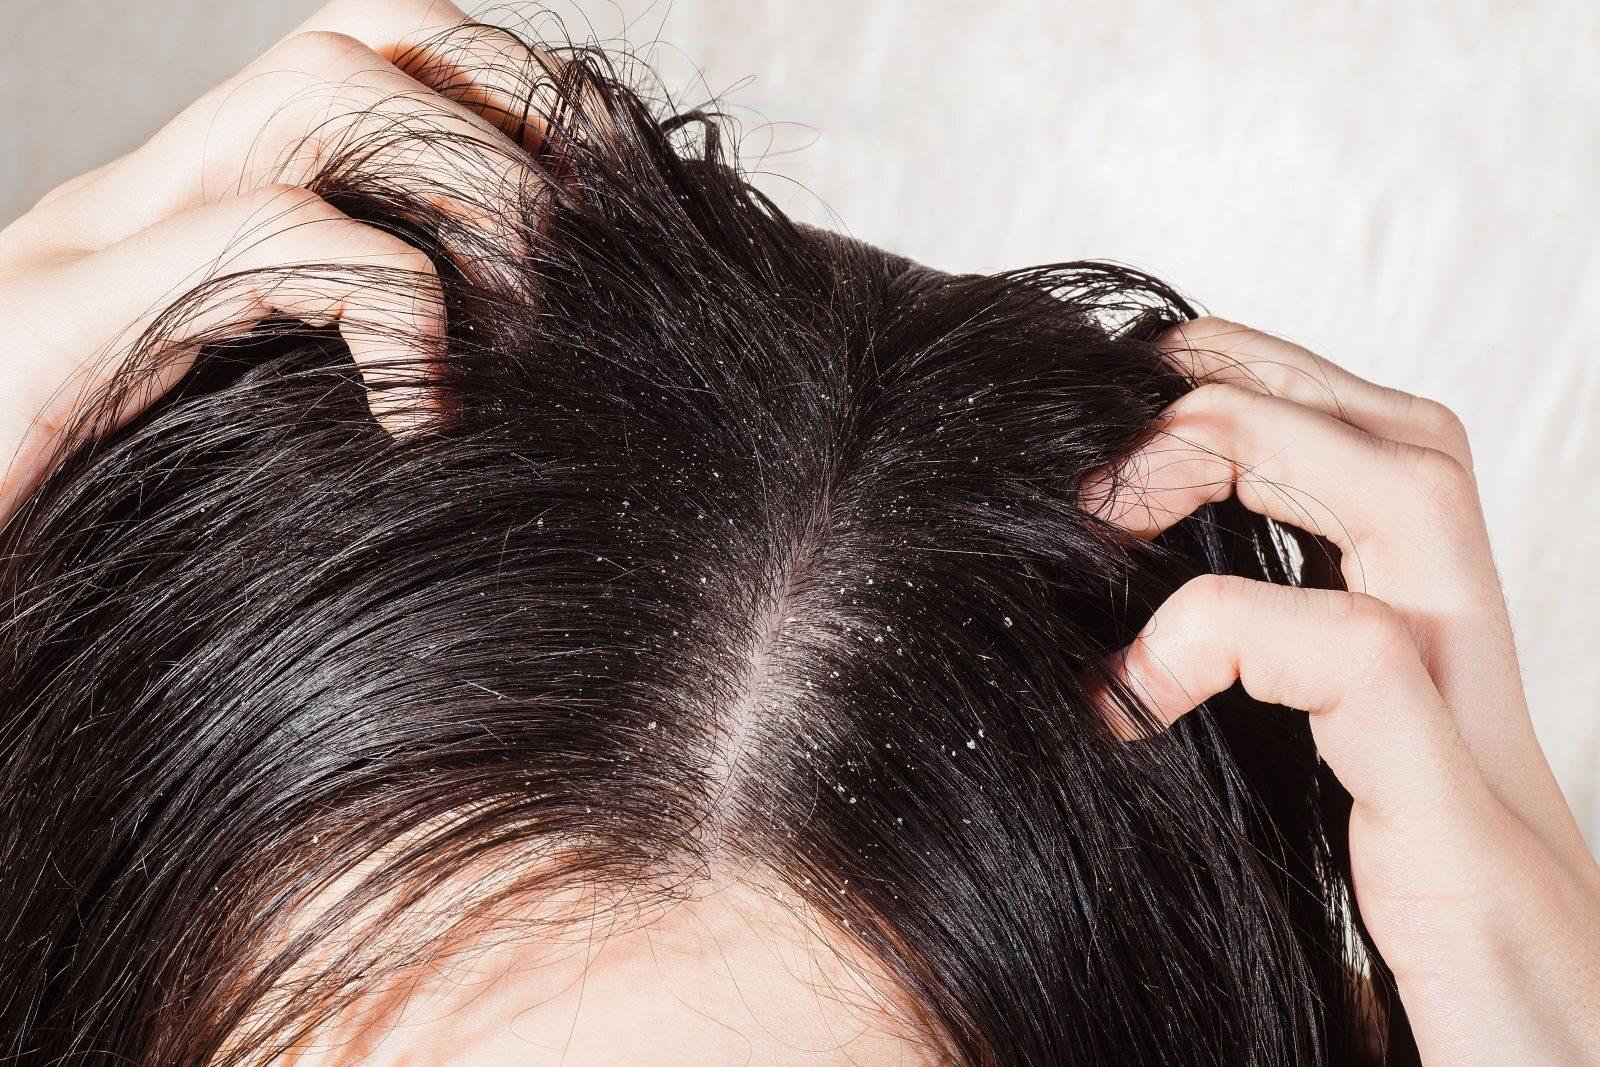 fejbőr pikkelysömör hogyan kell kezelni fotó